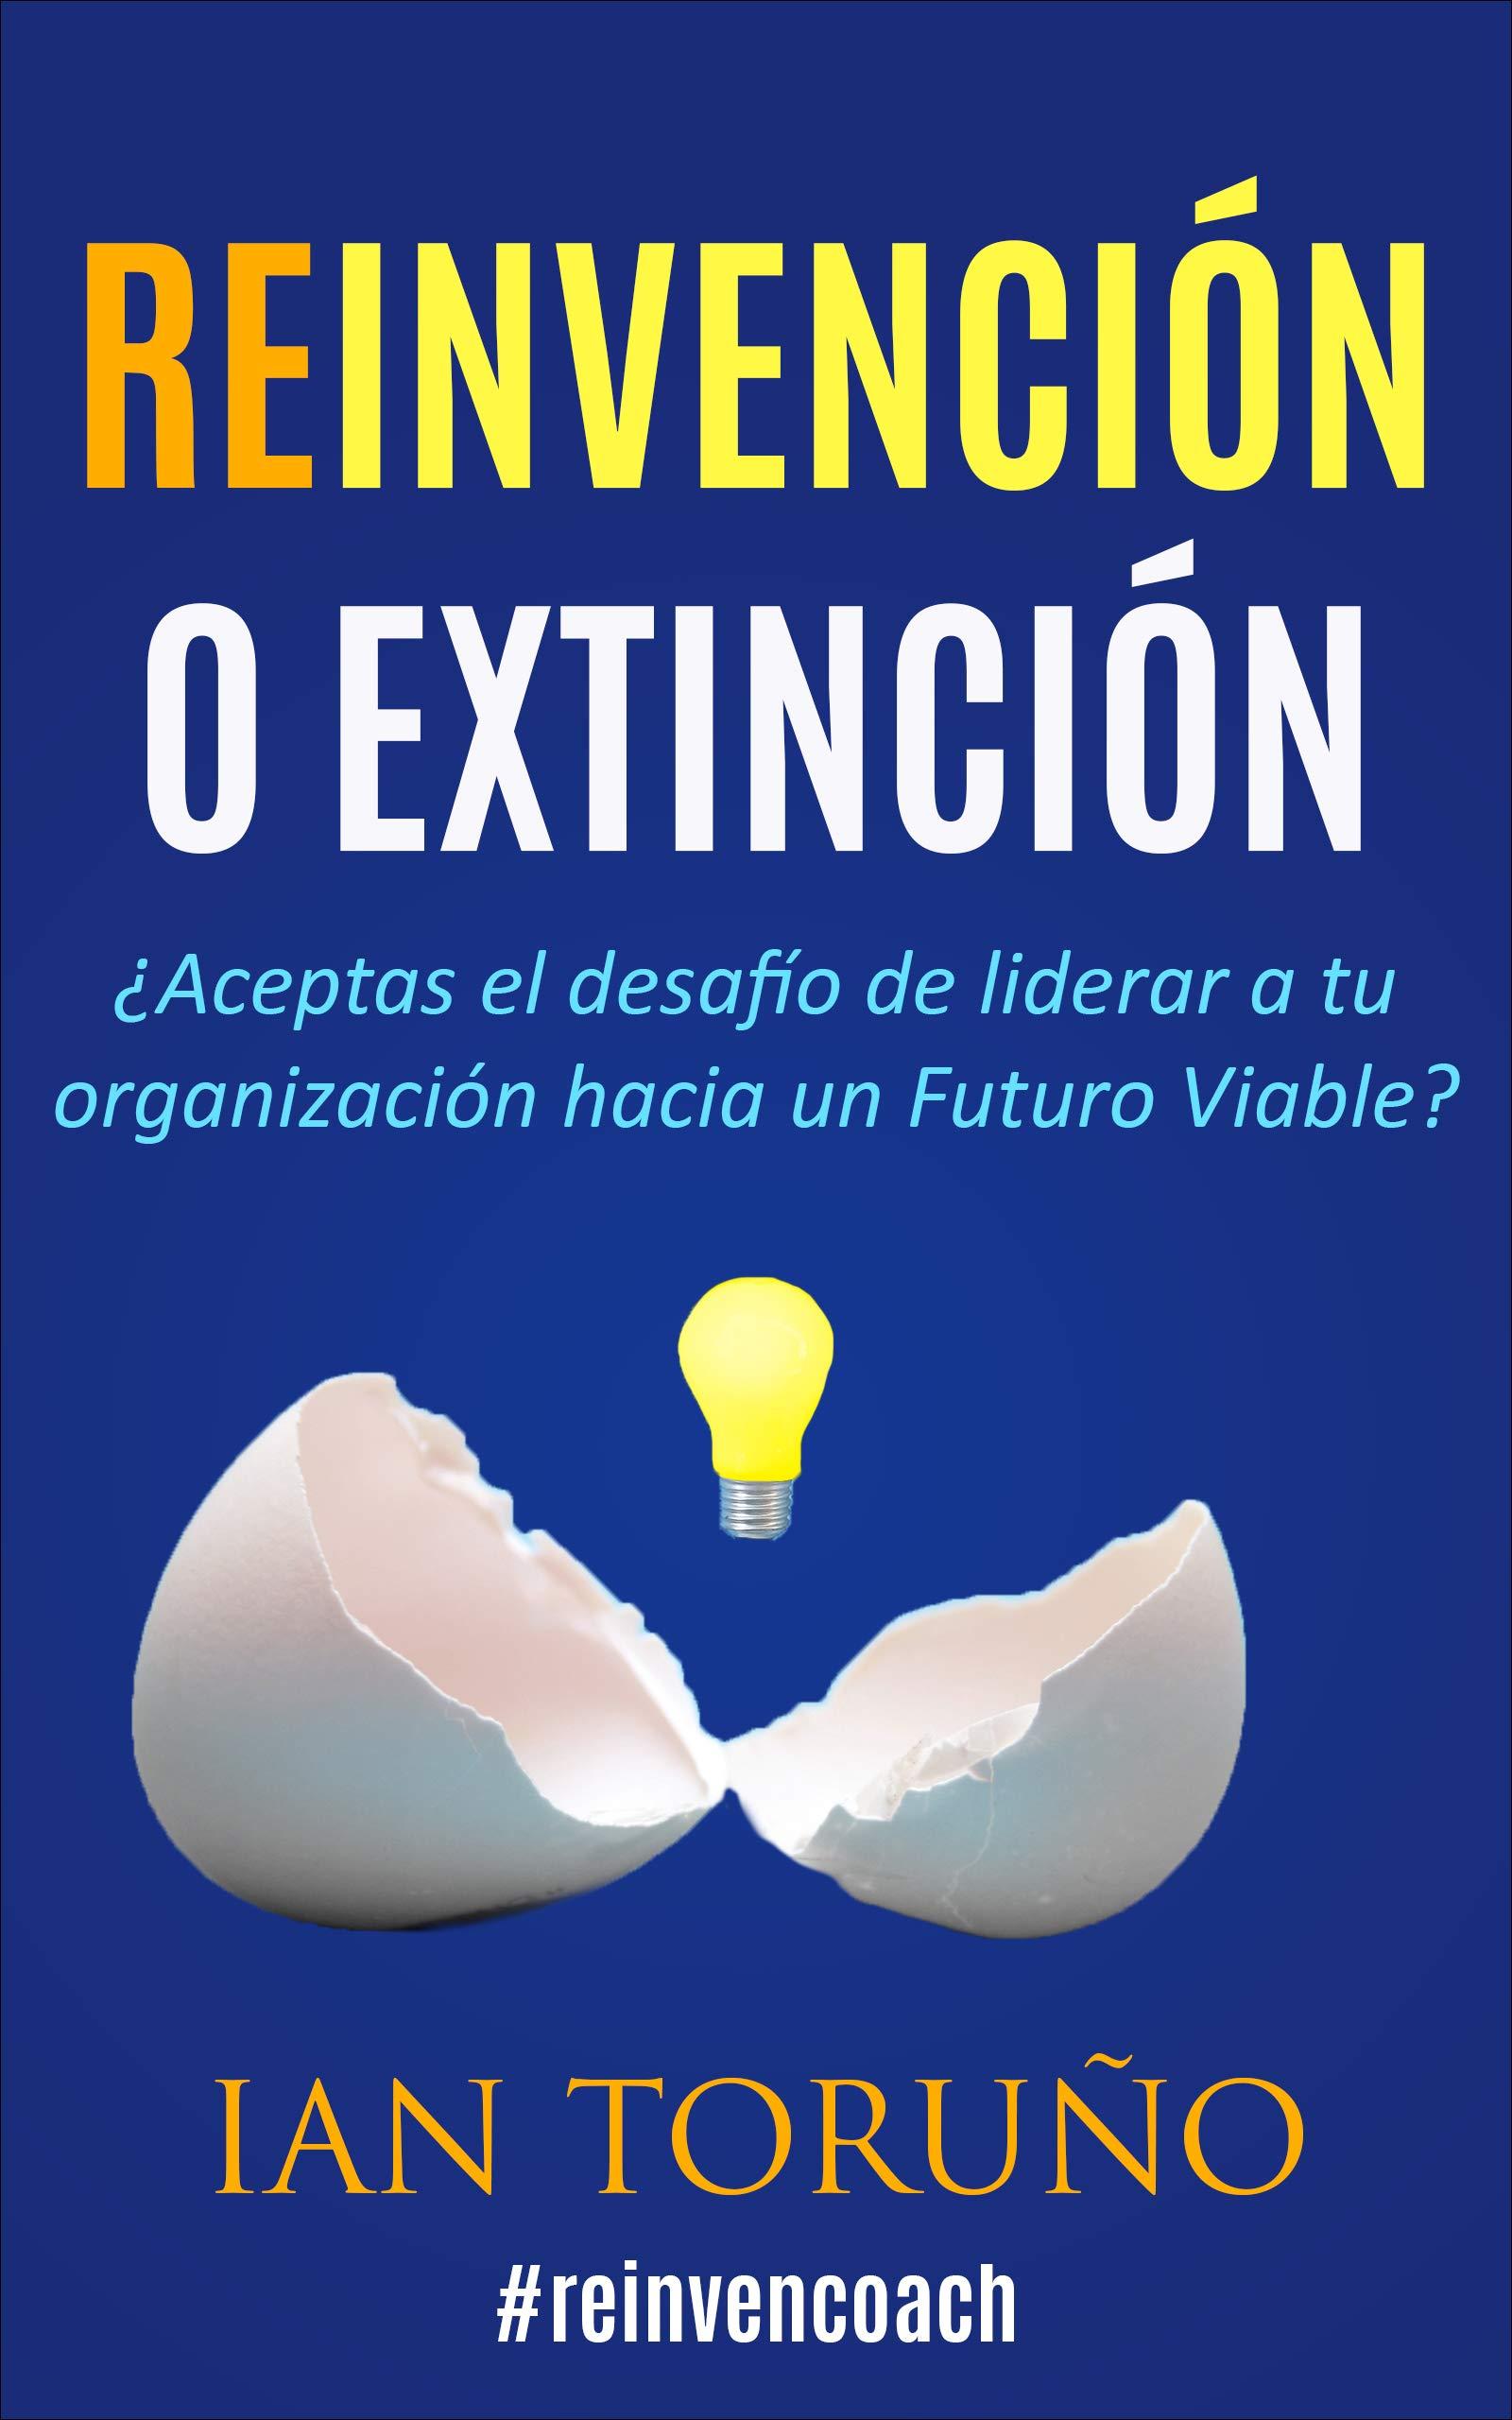 Reinvención o Extinción: ¿Aceptas el desafío de liderar a tu organización hacia un Futuro Viable? (Spanish Edition)